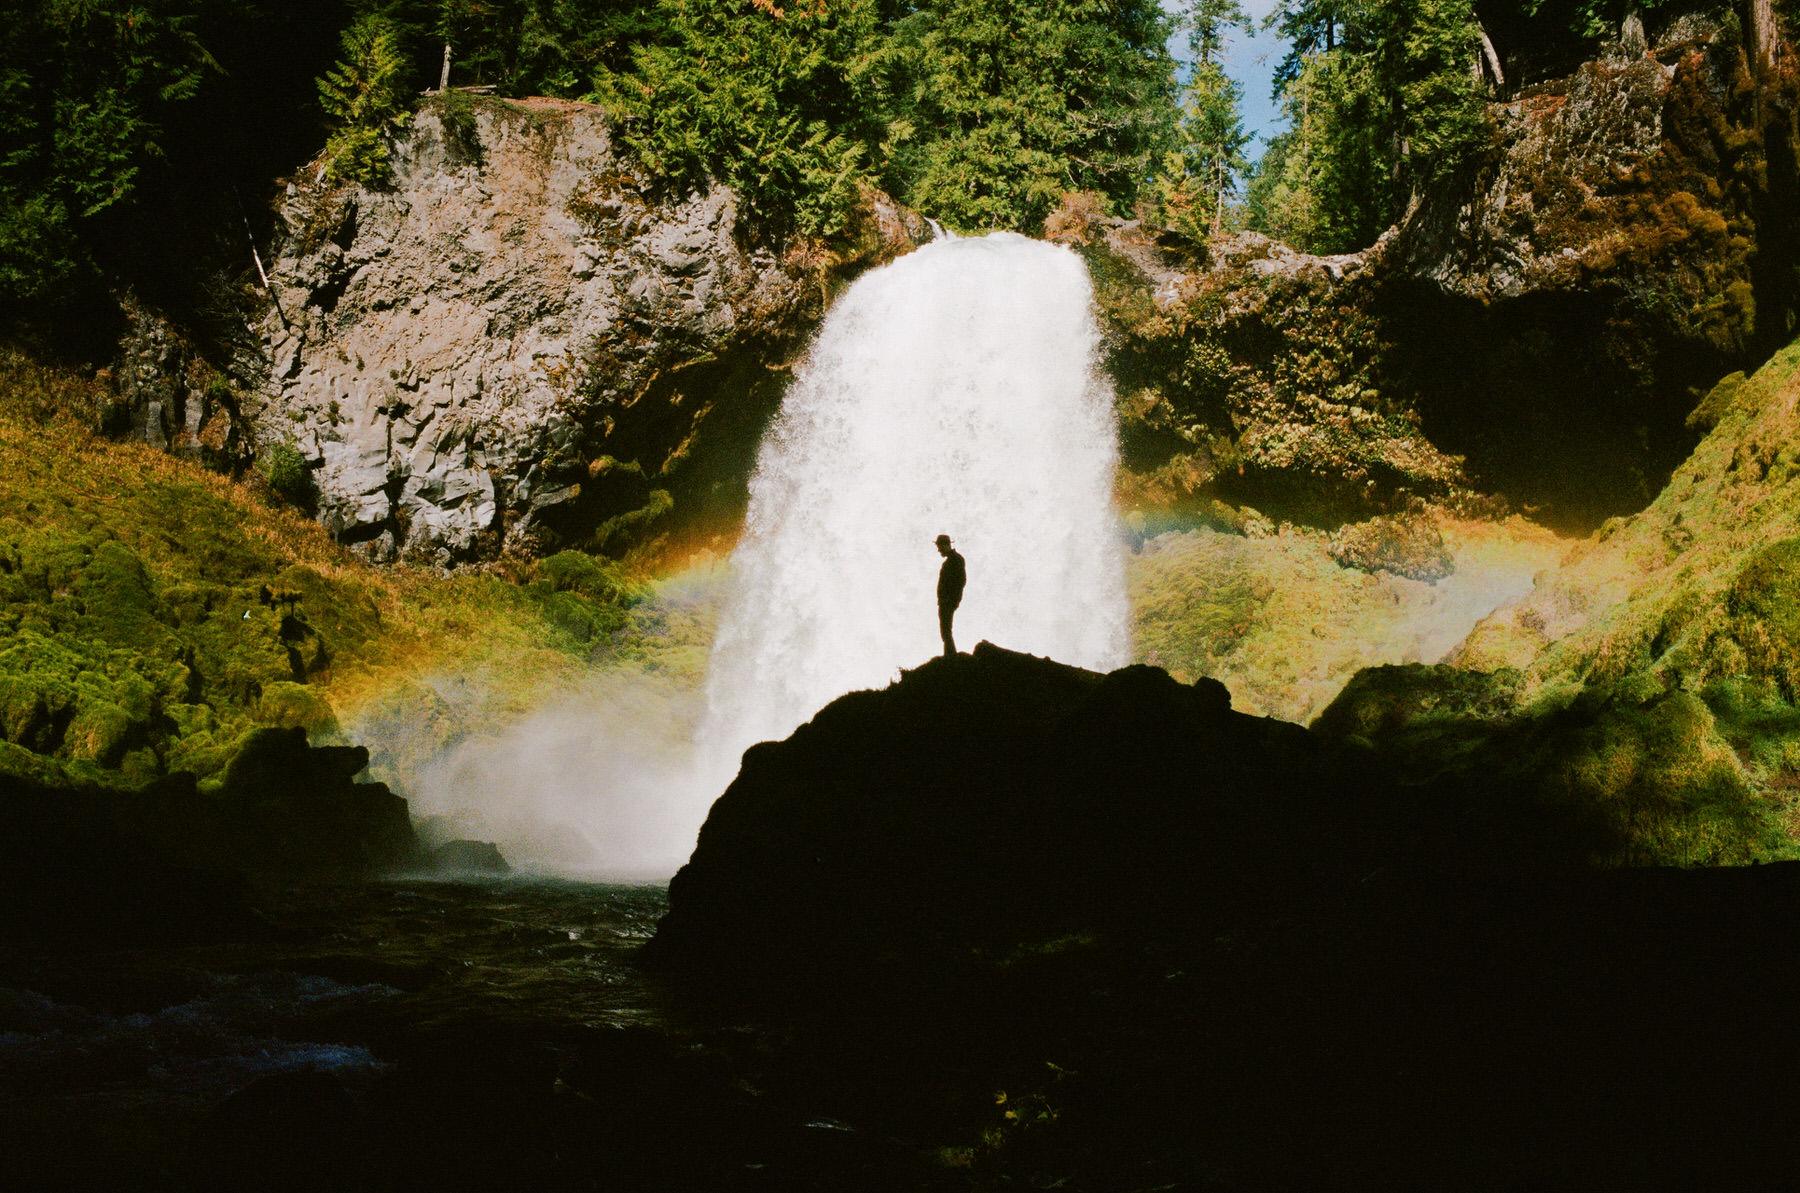 waterfall in oregon shot on film Leica